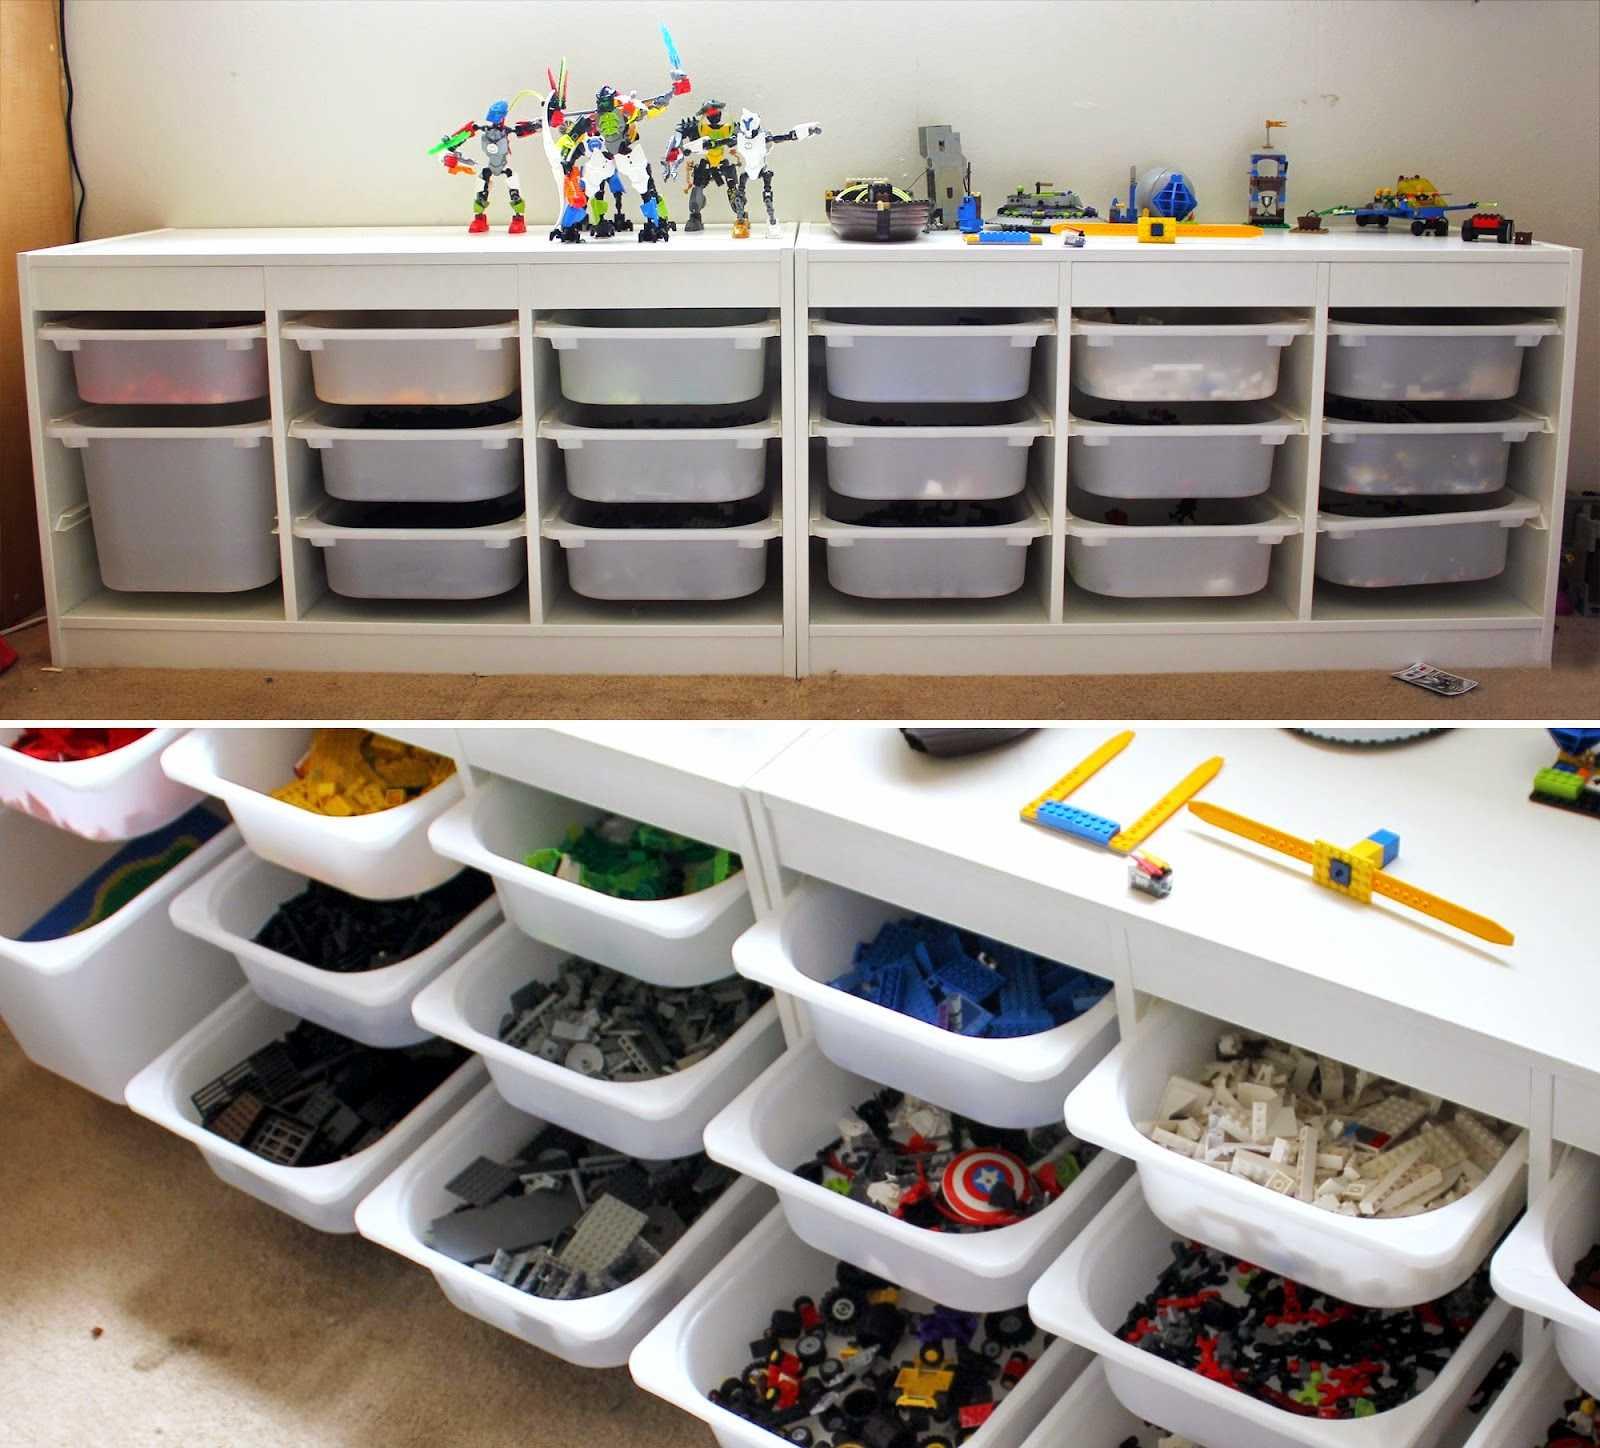 Хранение лего своими руками. хранение lego. рекомендации экспертов и опытных родителей. правила хранения конструктора lego